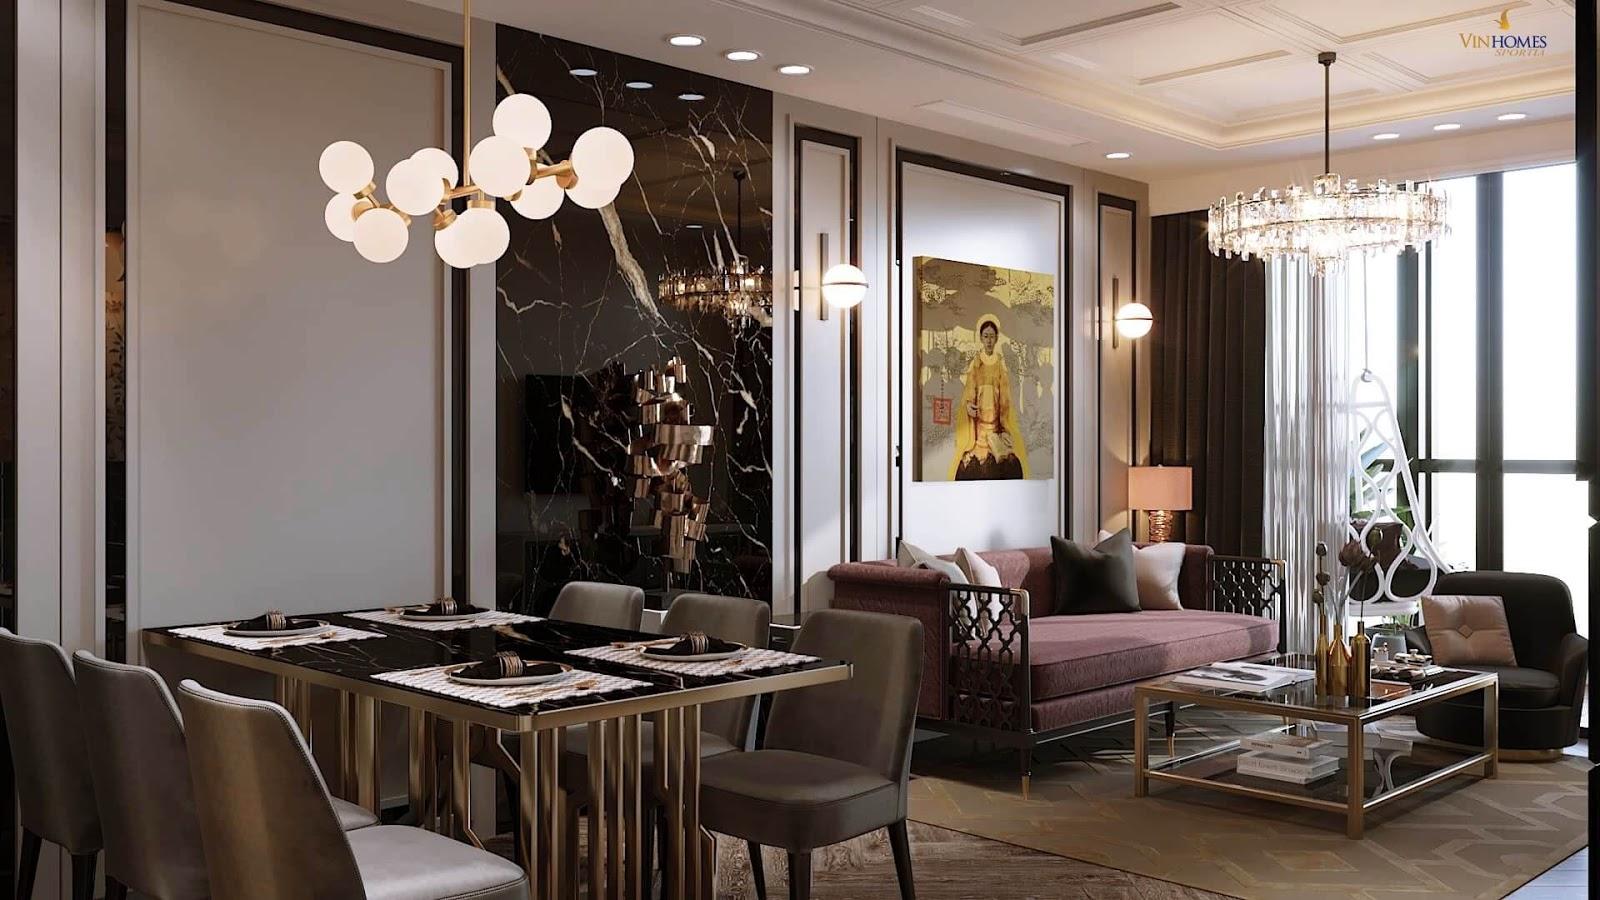 Phòng khách căn hộ chung cư Vinhomes Smart City